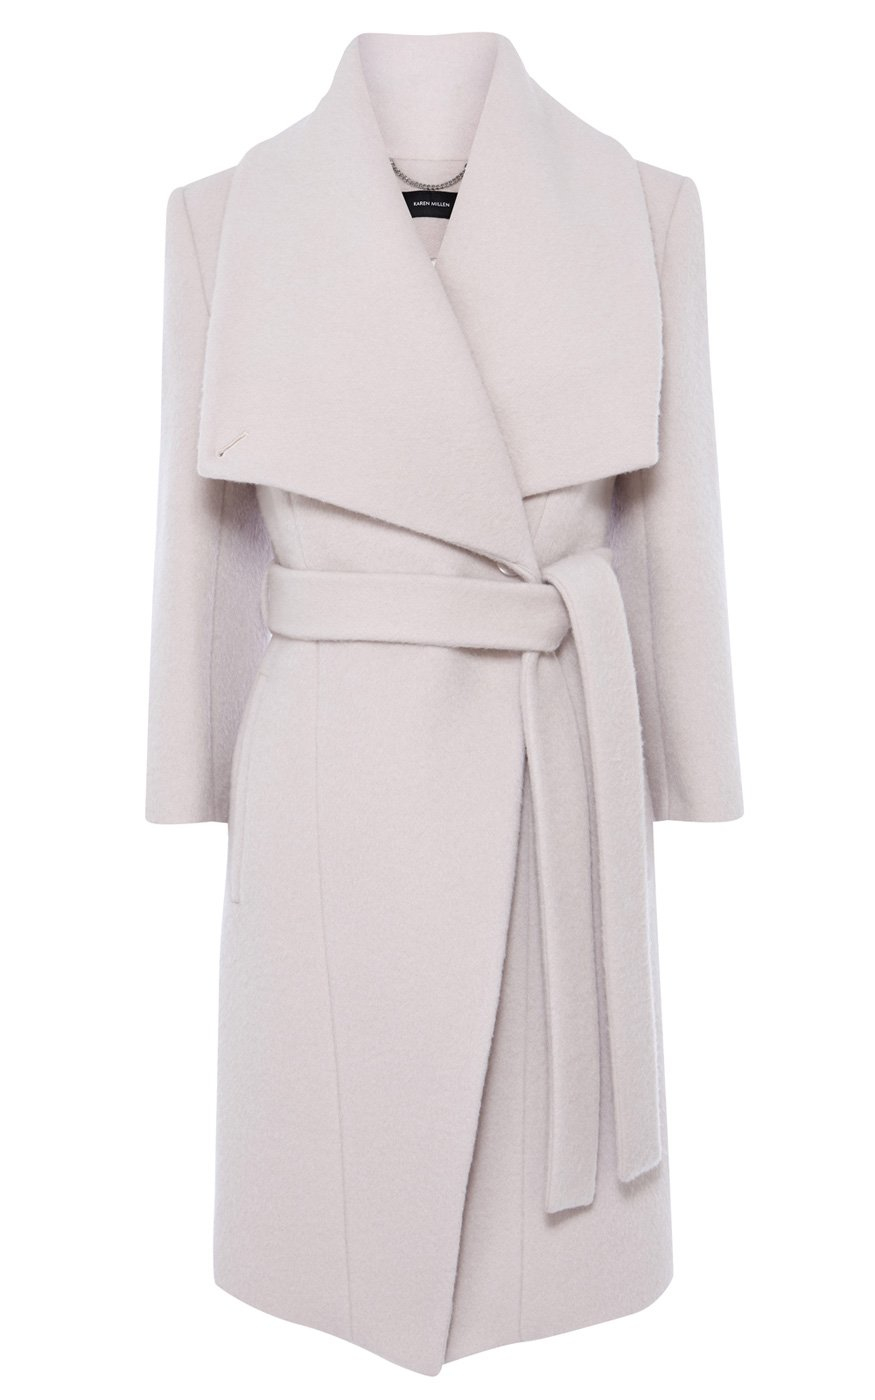 Karen Millen Wool Mohair Belted Oversized Collar Coat In